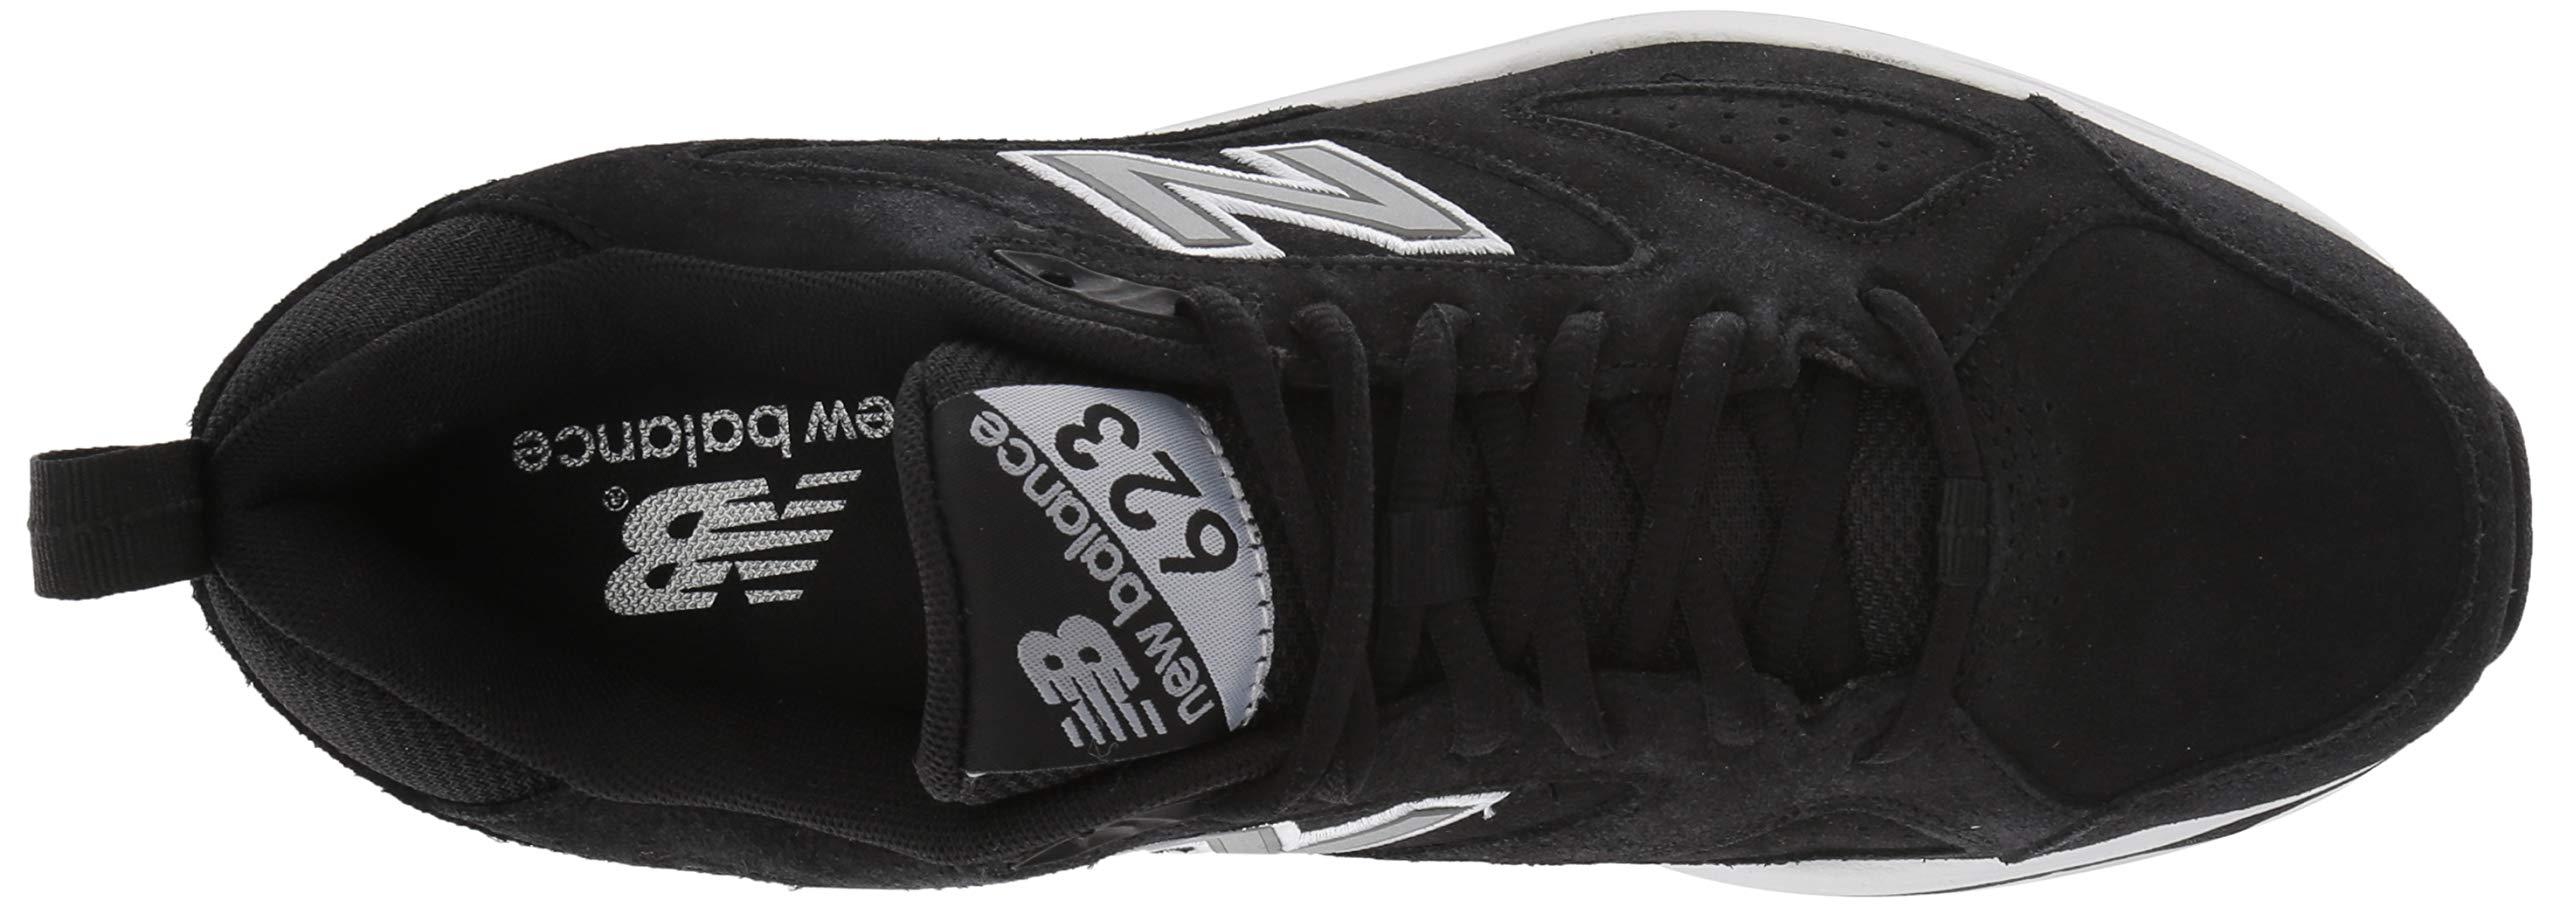 New Balance Men's MX623v3 Training Shoe, Navy, 7 W US by New Balance (Image #7)